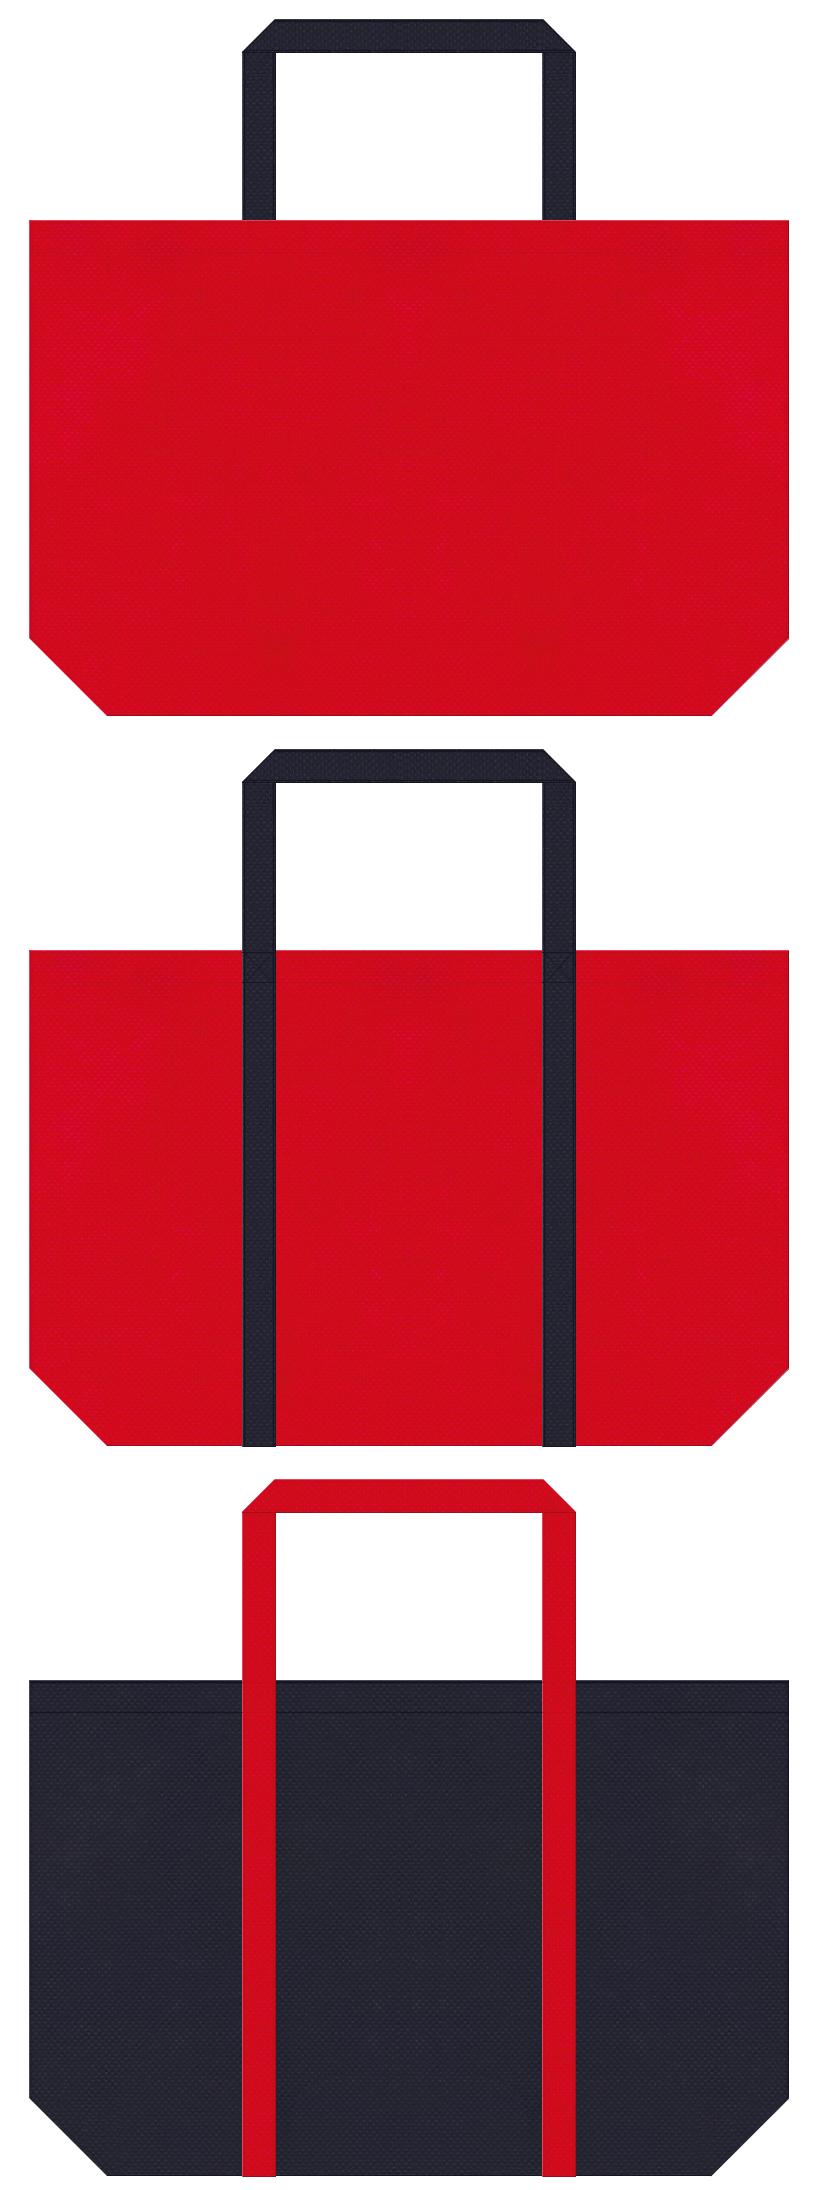 不織布ショッピングバッグのデザイン:紅色と濃紺色のコーデ。スポーティーファッションのショッピングバッグにお奨めです。